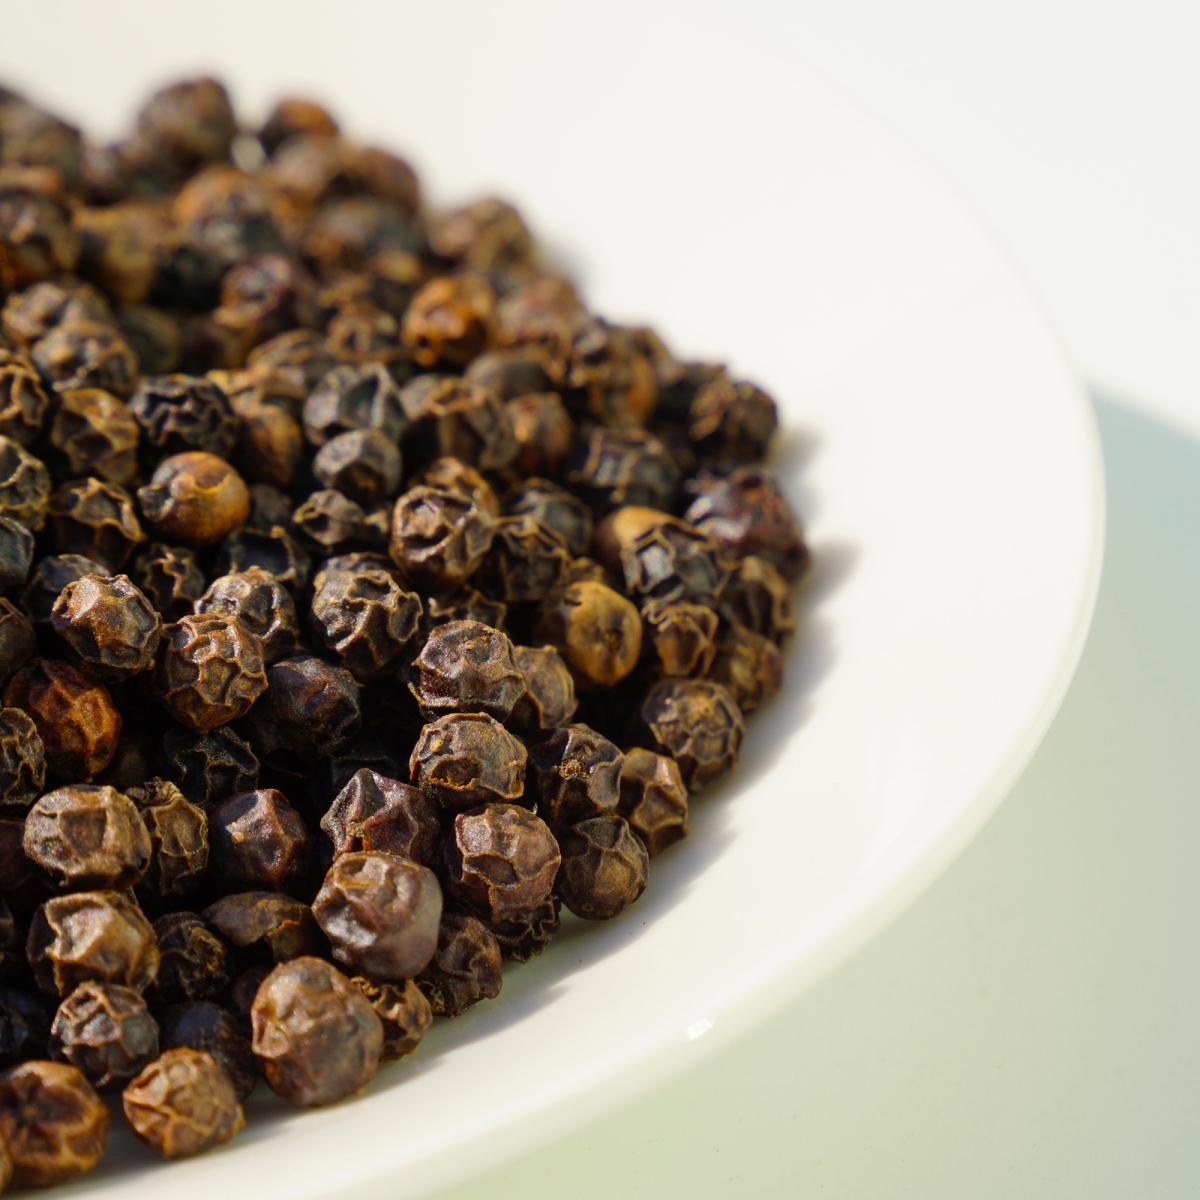 ブラックペッパー精油の効果効能とおすすめの使い方、相性の良い香り